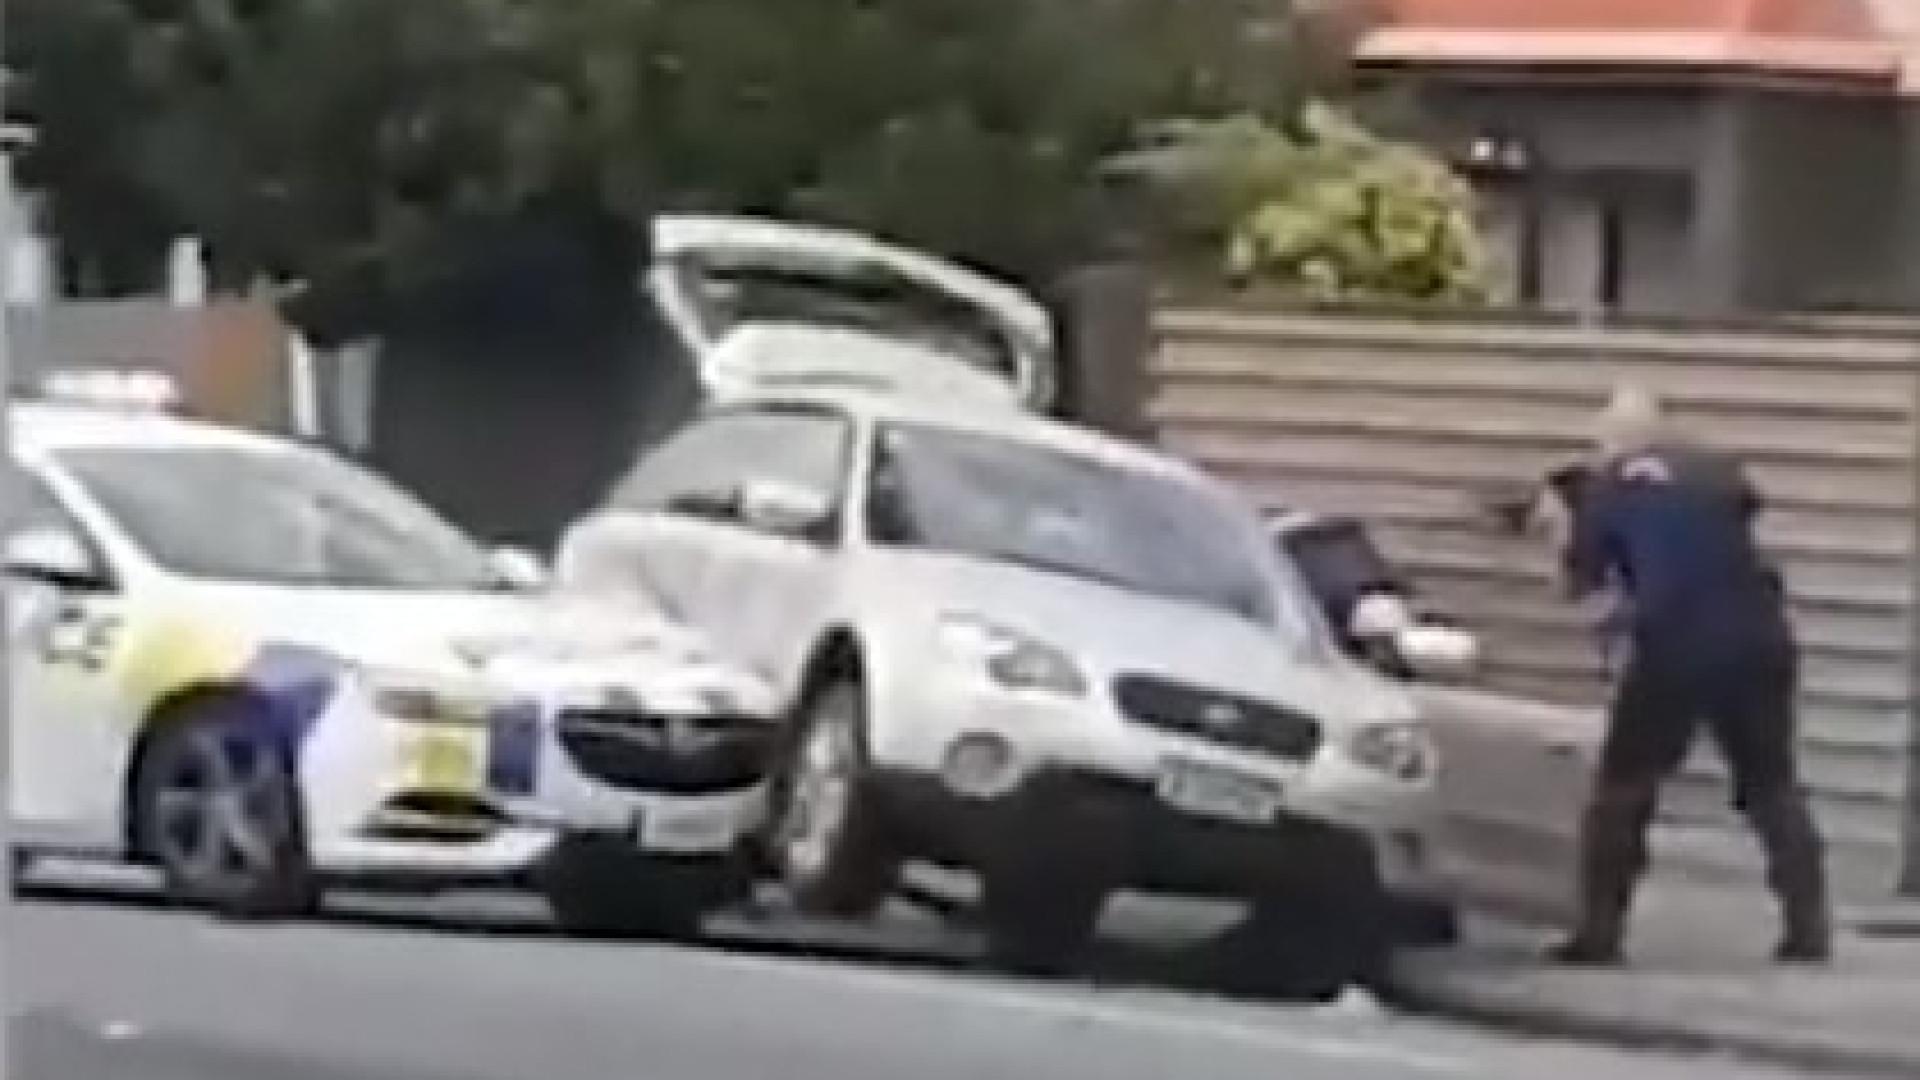 Vídeo mostra momento em que suspeito de ataque na Nova Zelândia é preso